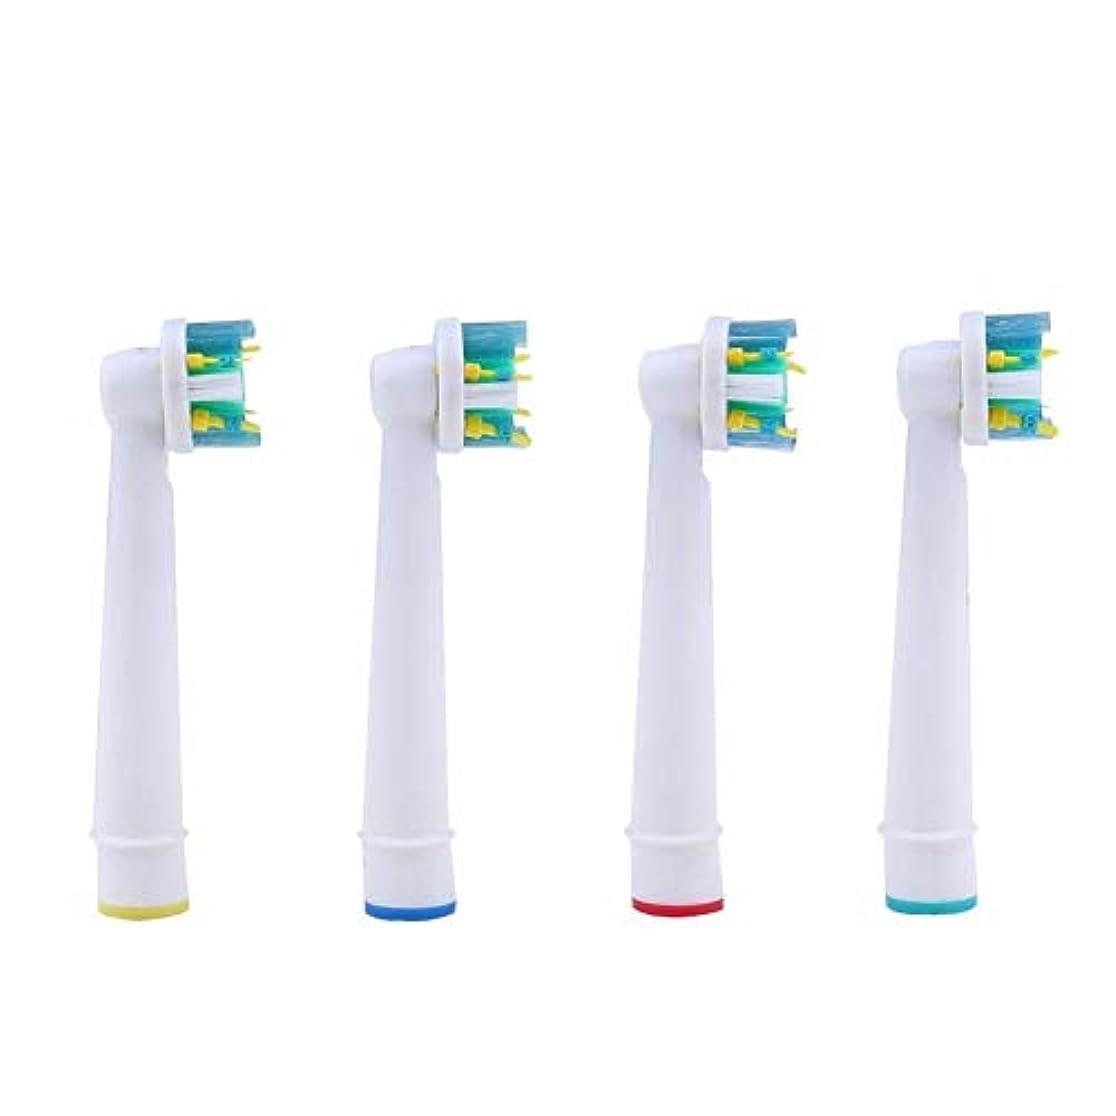 うめき効率的窓Oral-B電動歯ブラシ 歯ブラシヘッド交換 交換用ブラウン マルチアクションブラシ OralB FLOSS ACTIONのために適した 汎用互換品 4本/セット